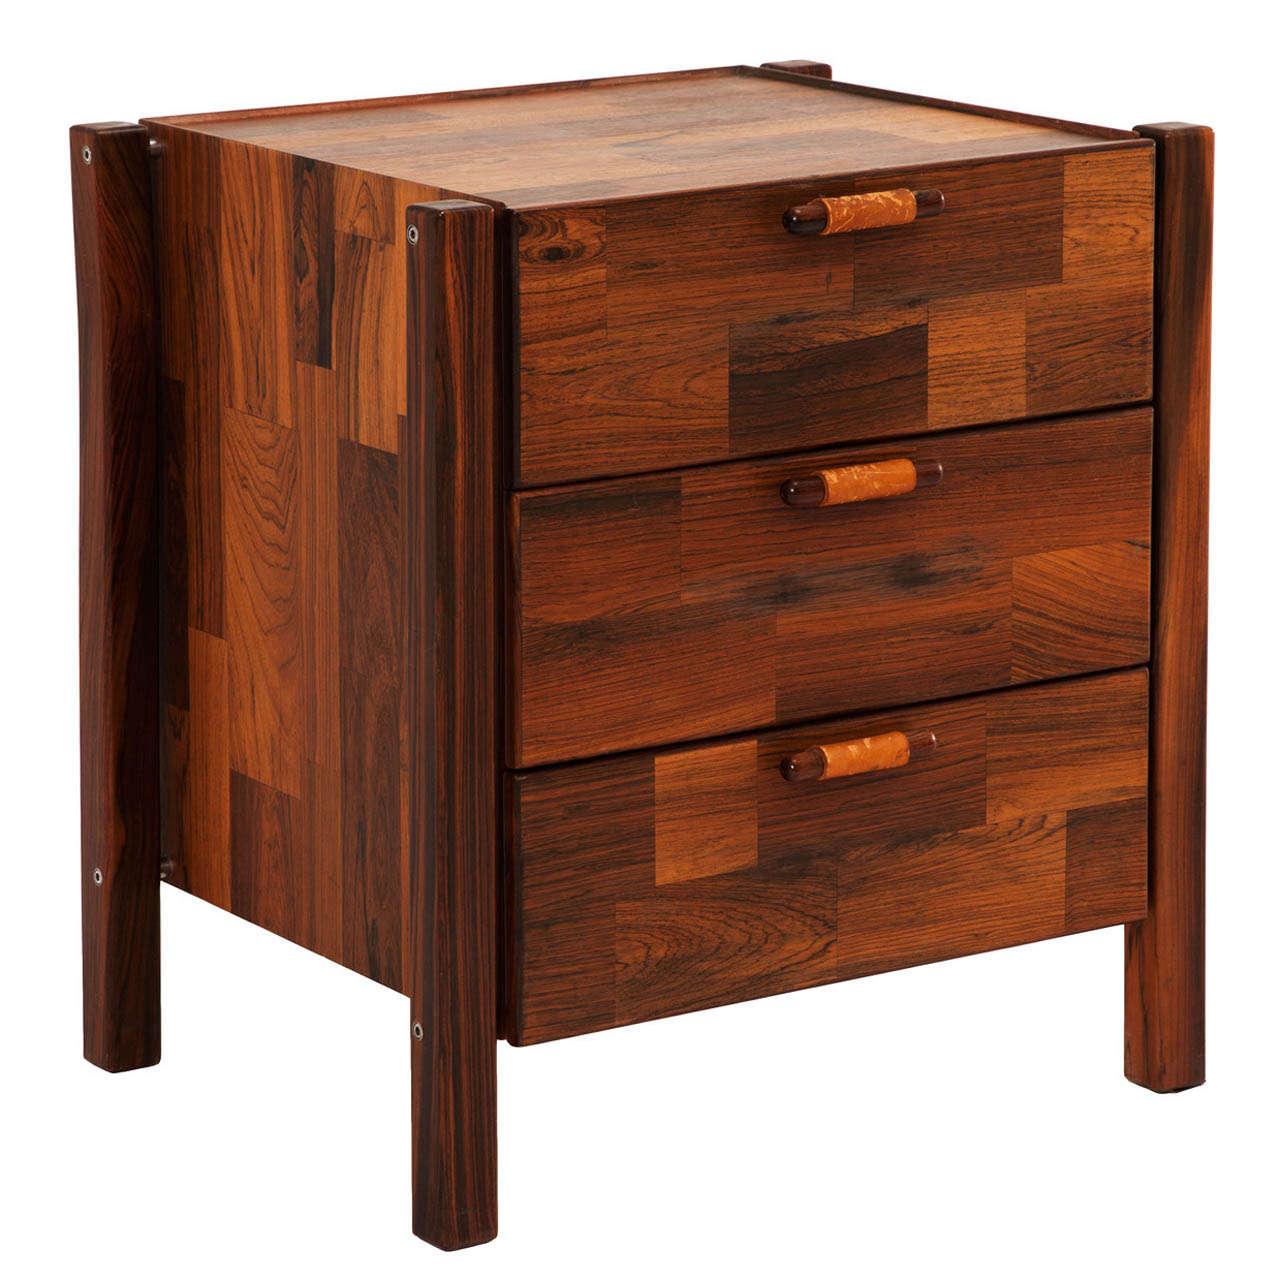 small storage unit by jorge zalszupin brazilian wood furniture